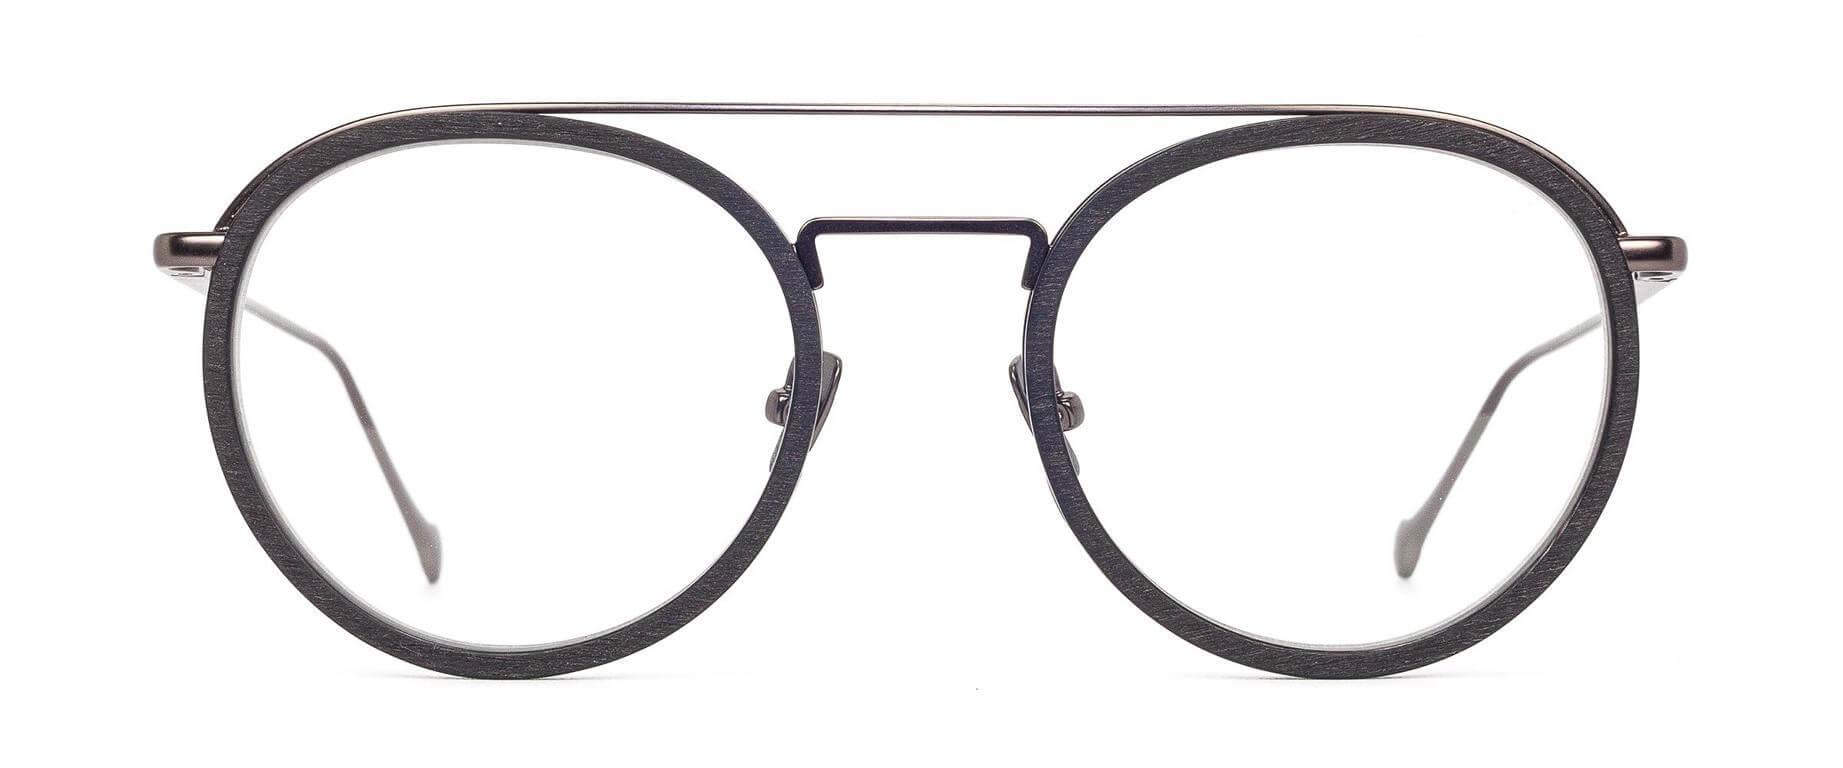 EINSTOFFEN - Brille - Modell: Alpinist